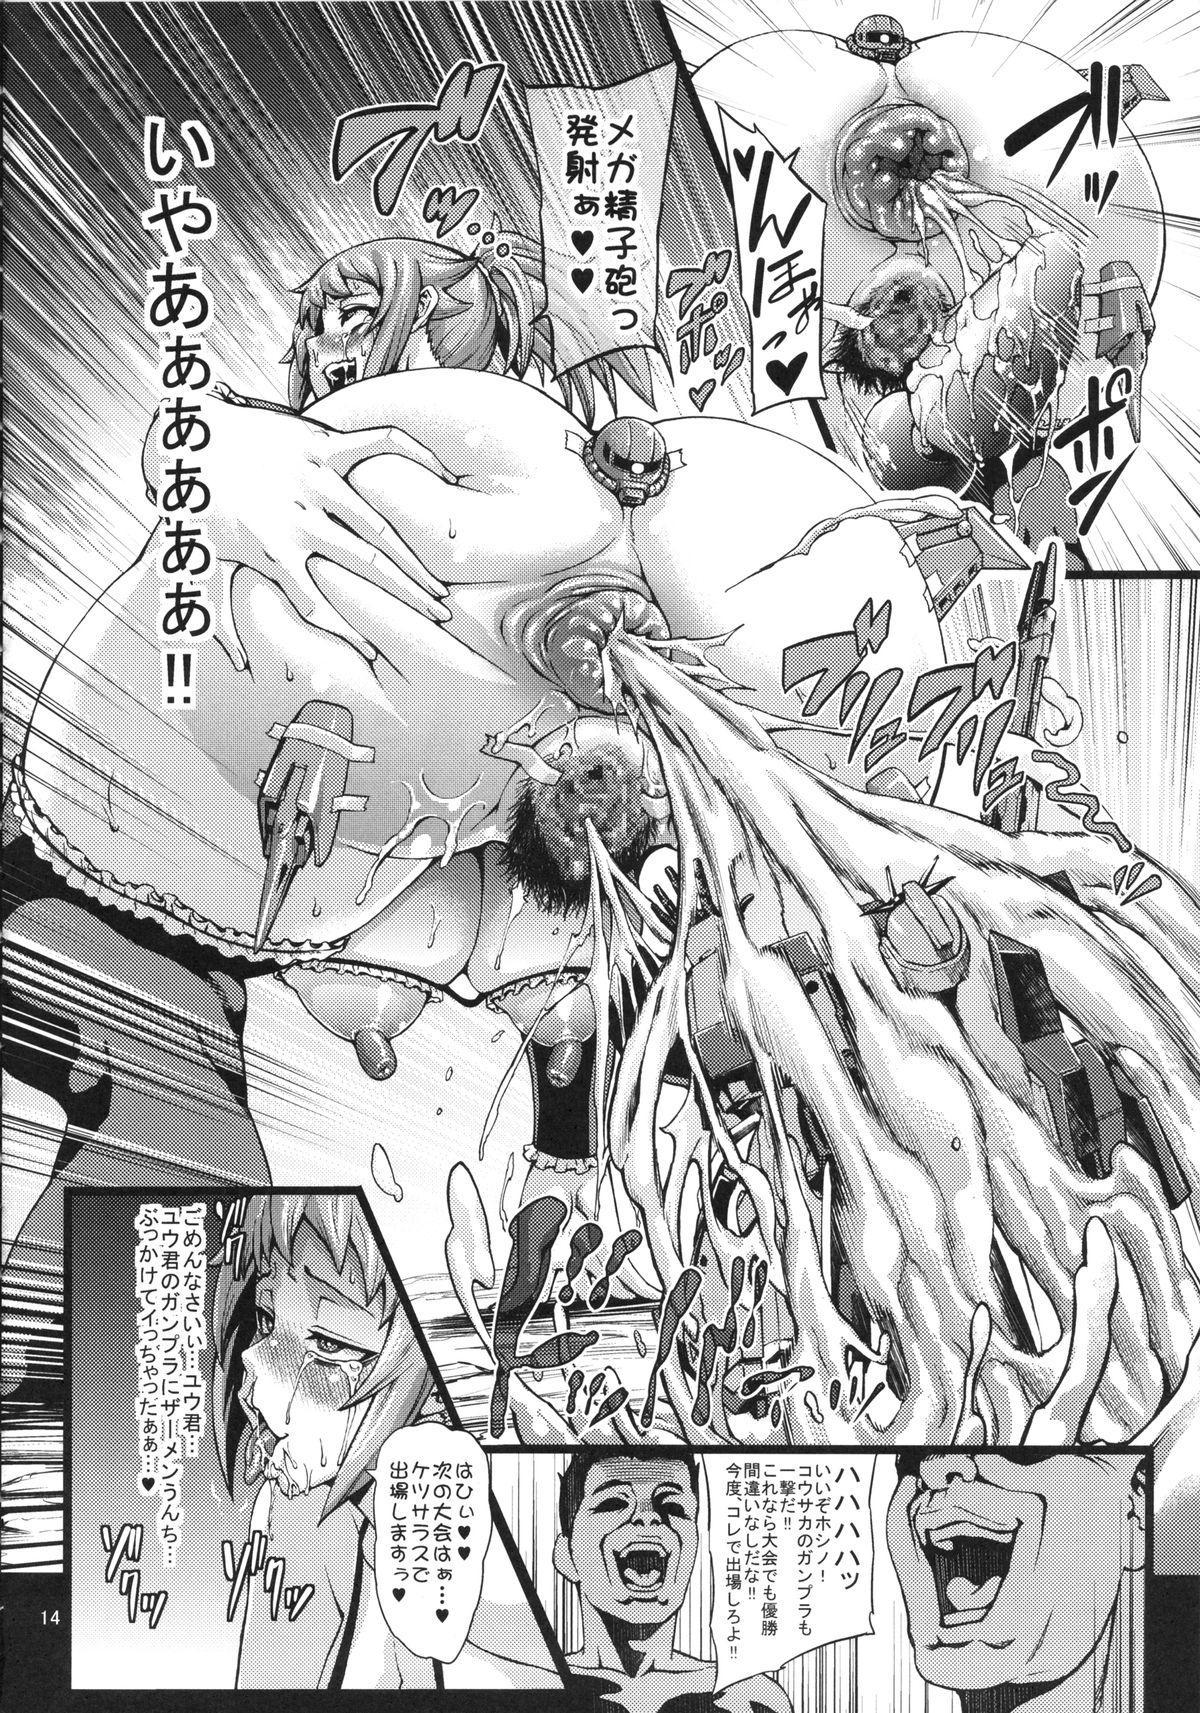 Sennou Fumina + Omakebon 14